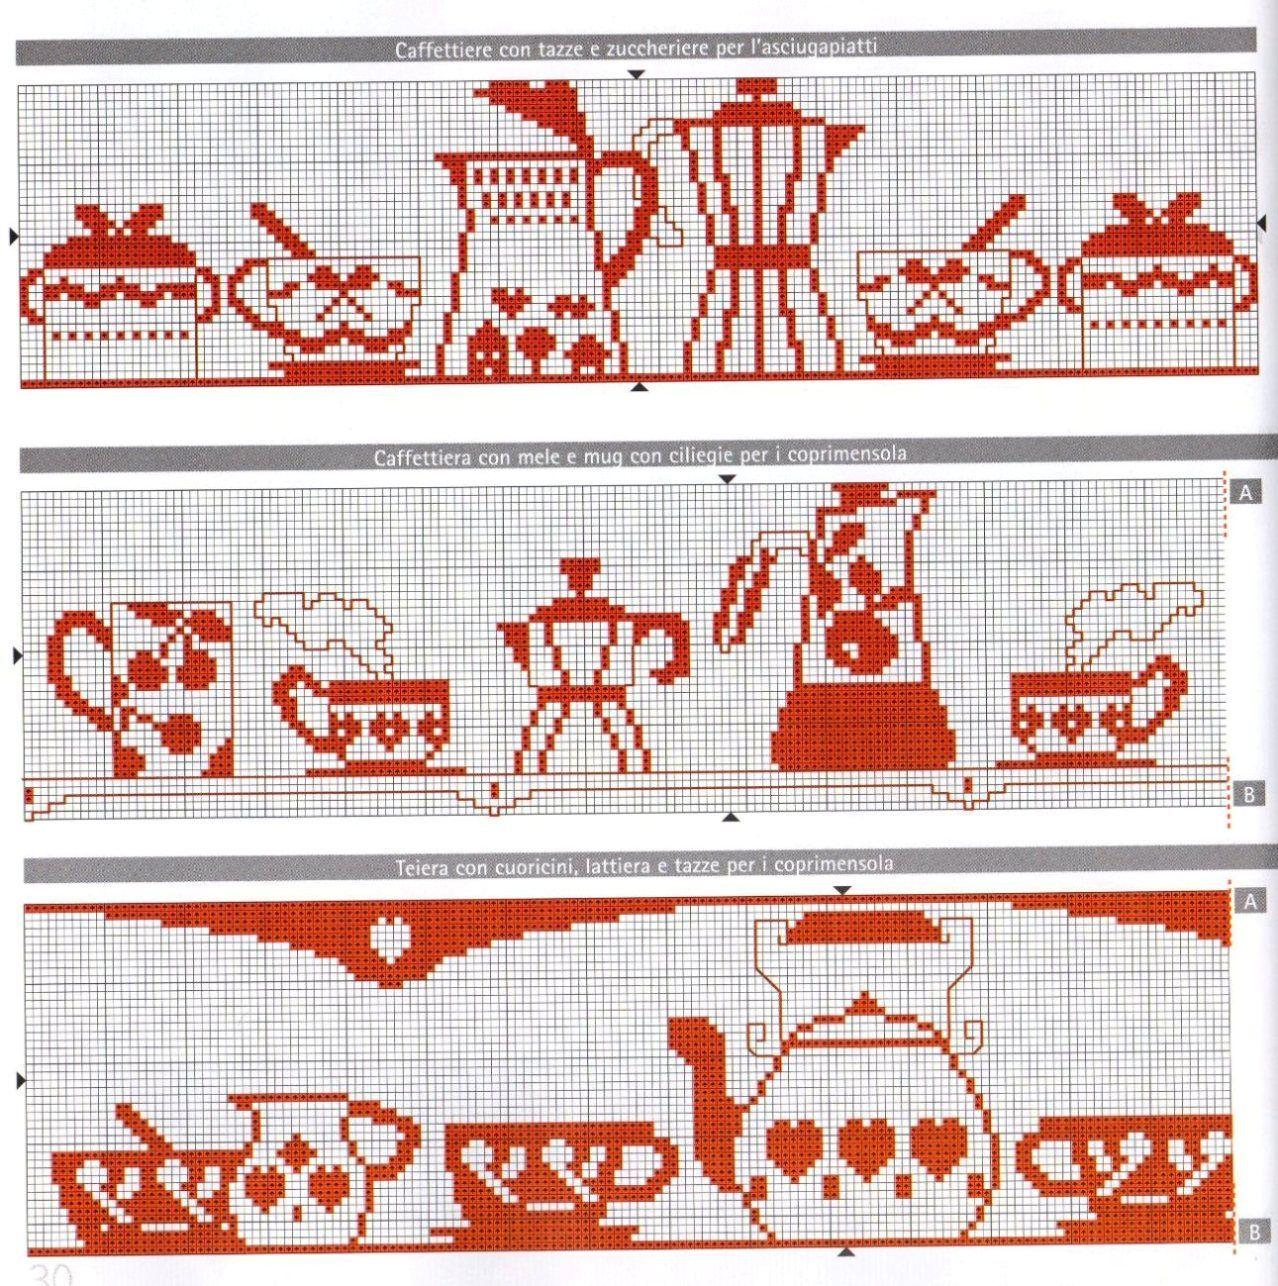 Schemi Punto Croce Strofinacci Cucina.Punto Croce Asciugapiatti Tazze1 Monocolre Rosso Caffettiere